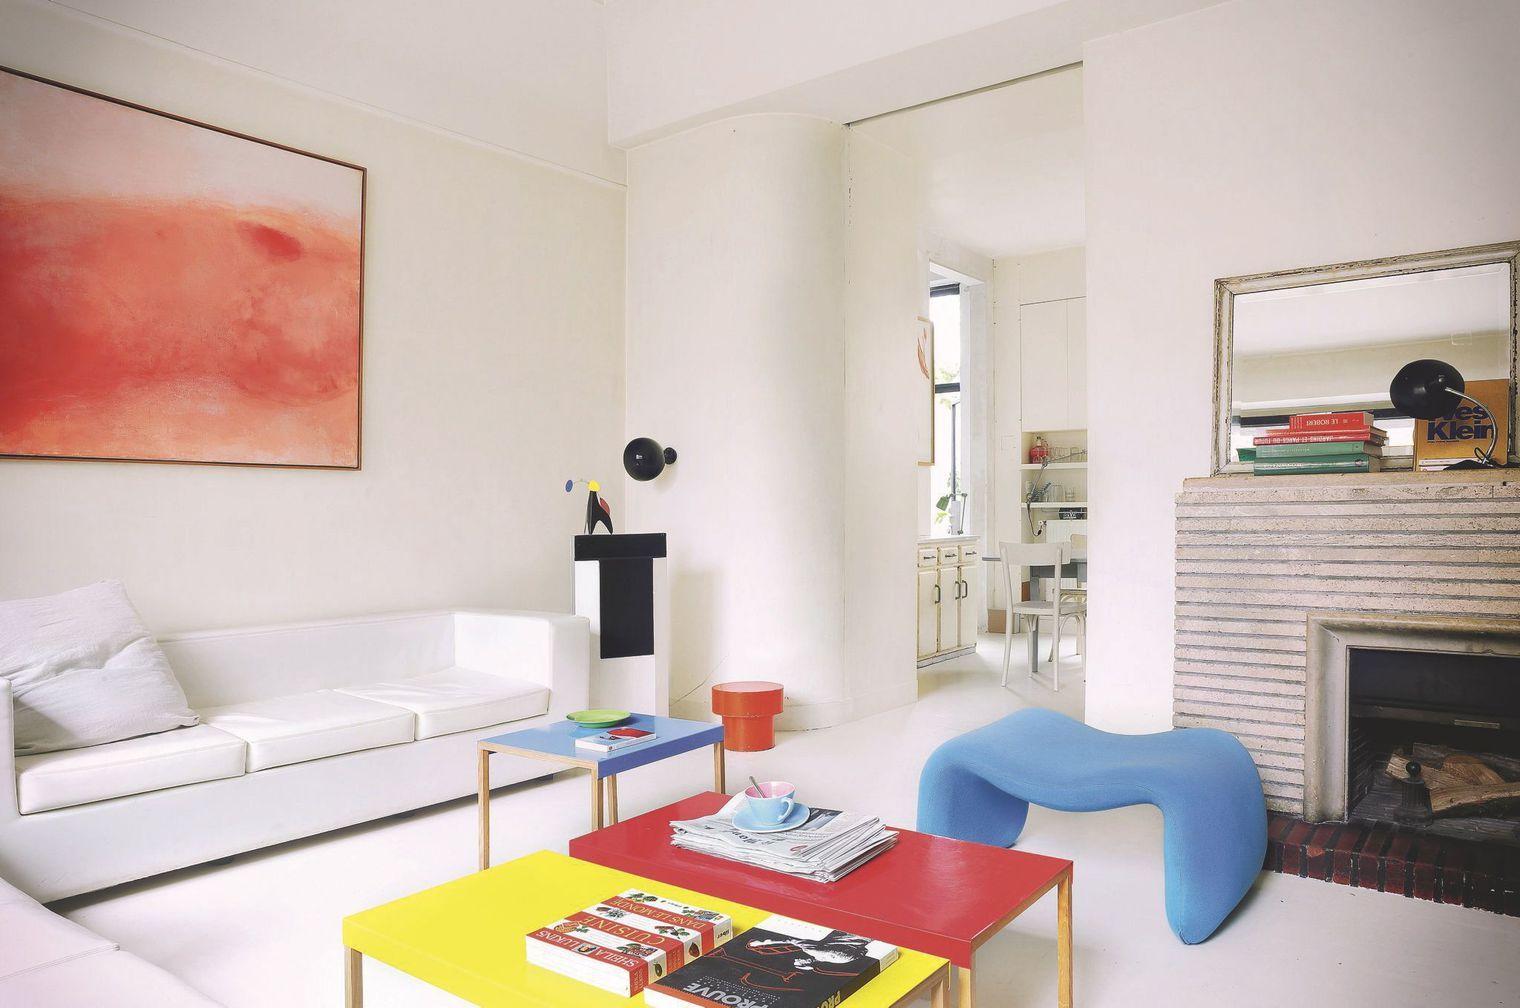 Appartement Familial Paris Design Et Nature Decoration Interieure Decoration Maison Et Design